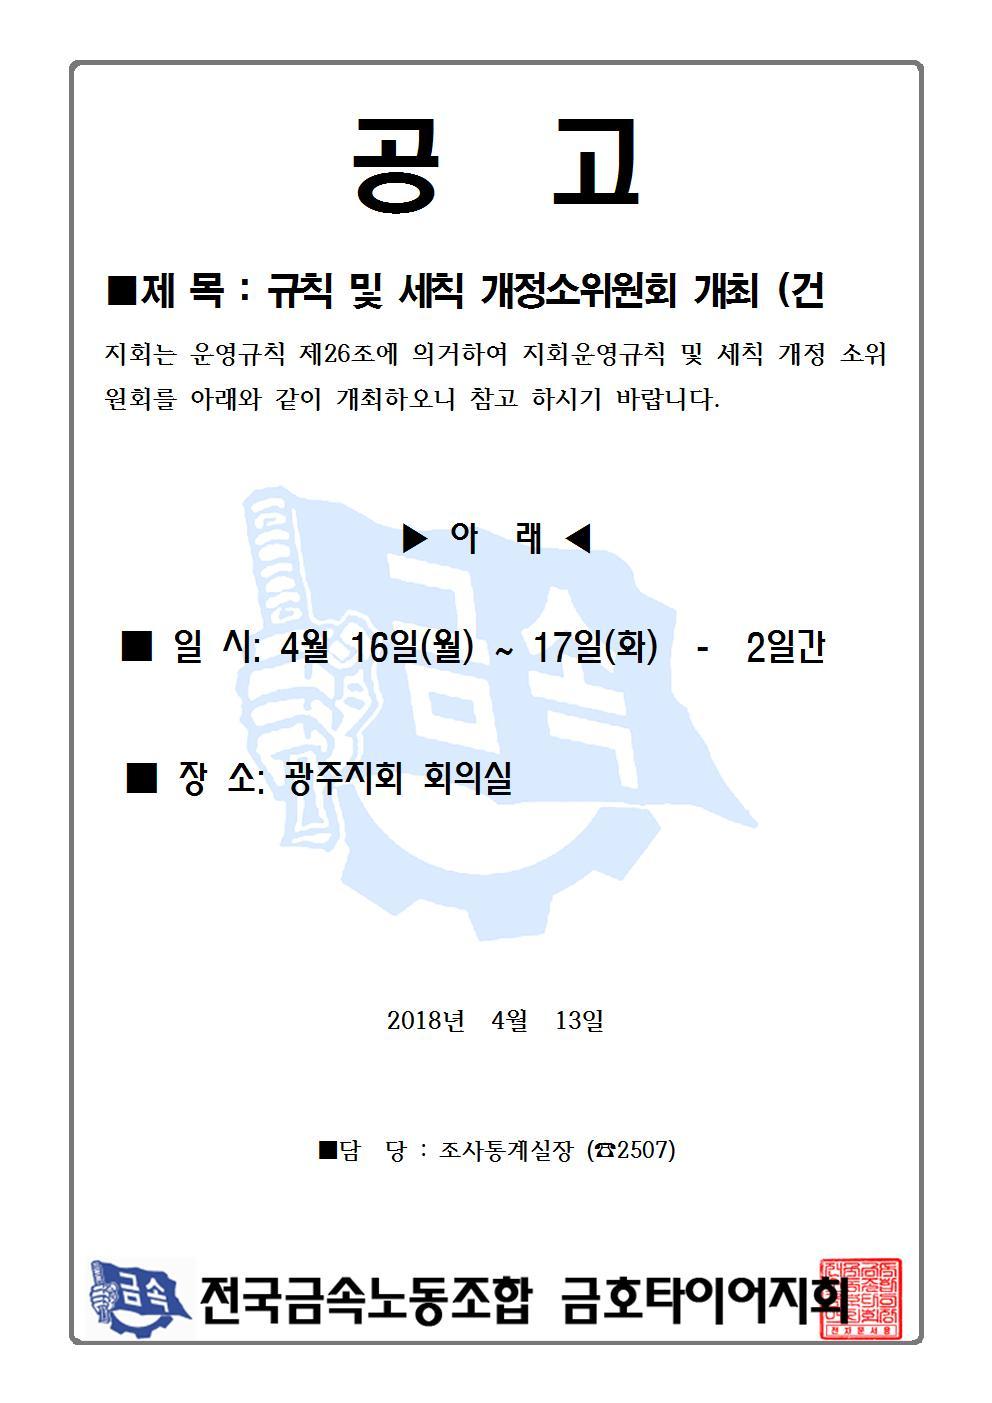 규칙 및 세칙 개정소위원회 개최공고001.jpg